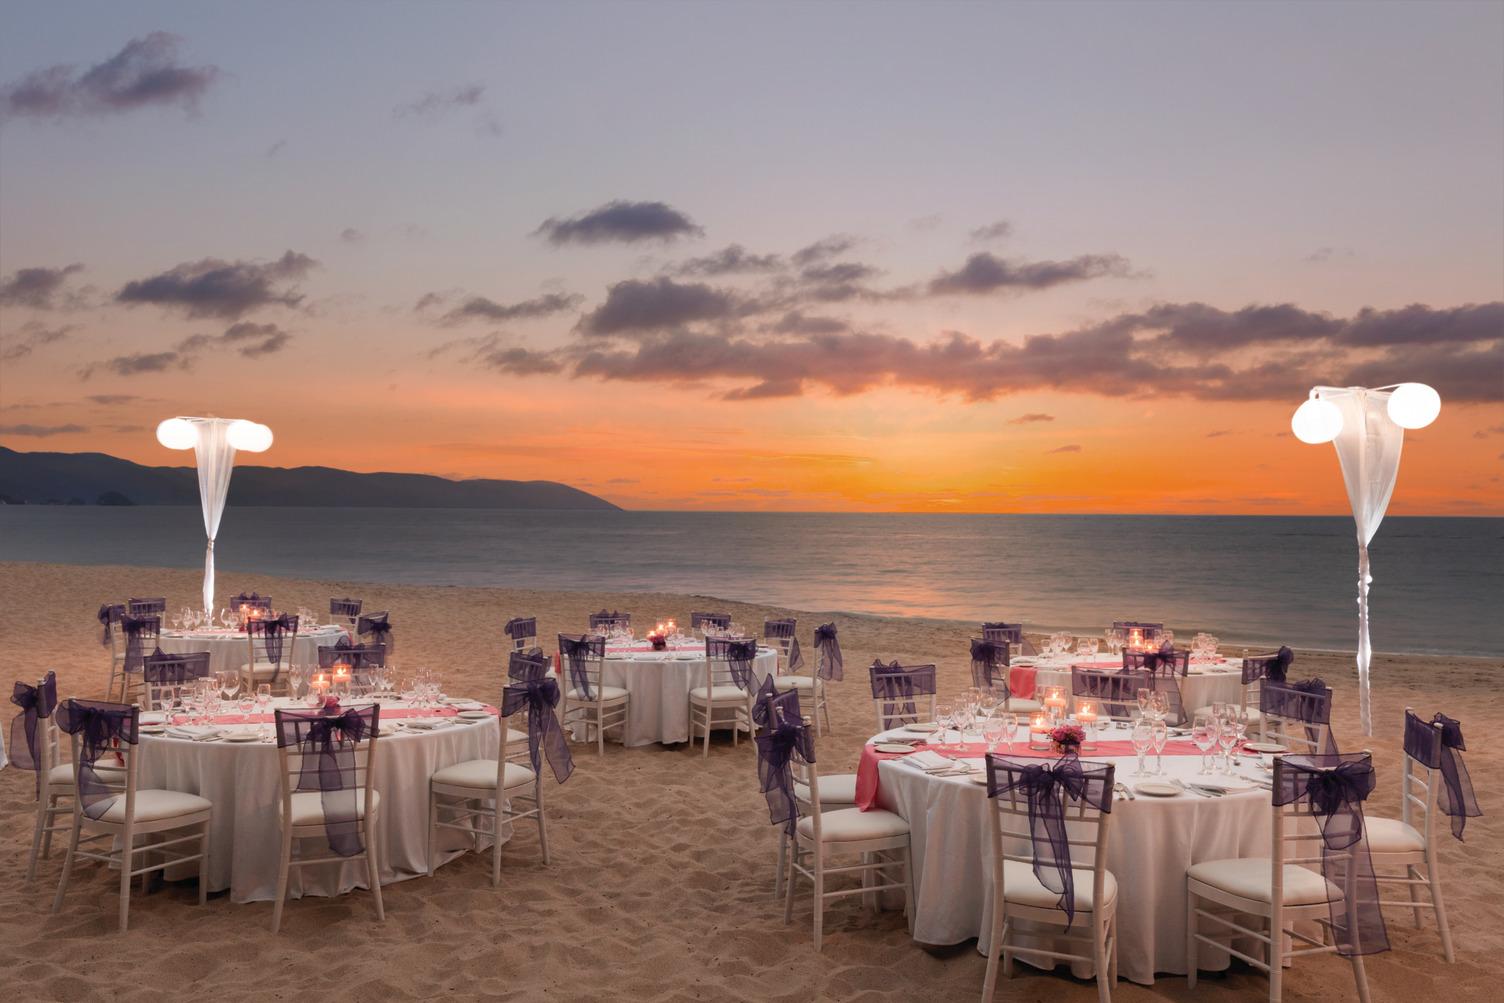 Hyatt-Ziva-Puerto-Vallarta-Beach-Wedding-Reception.jpg